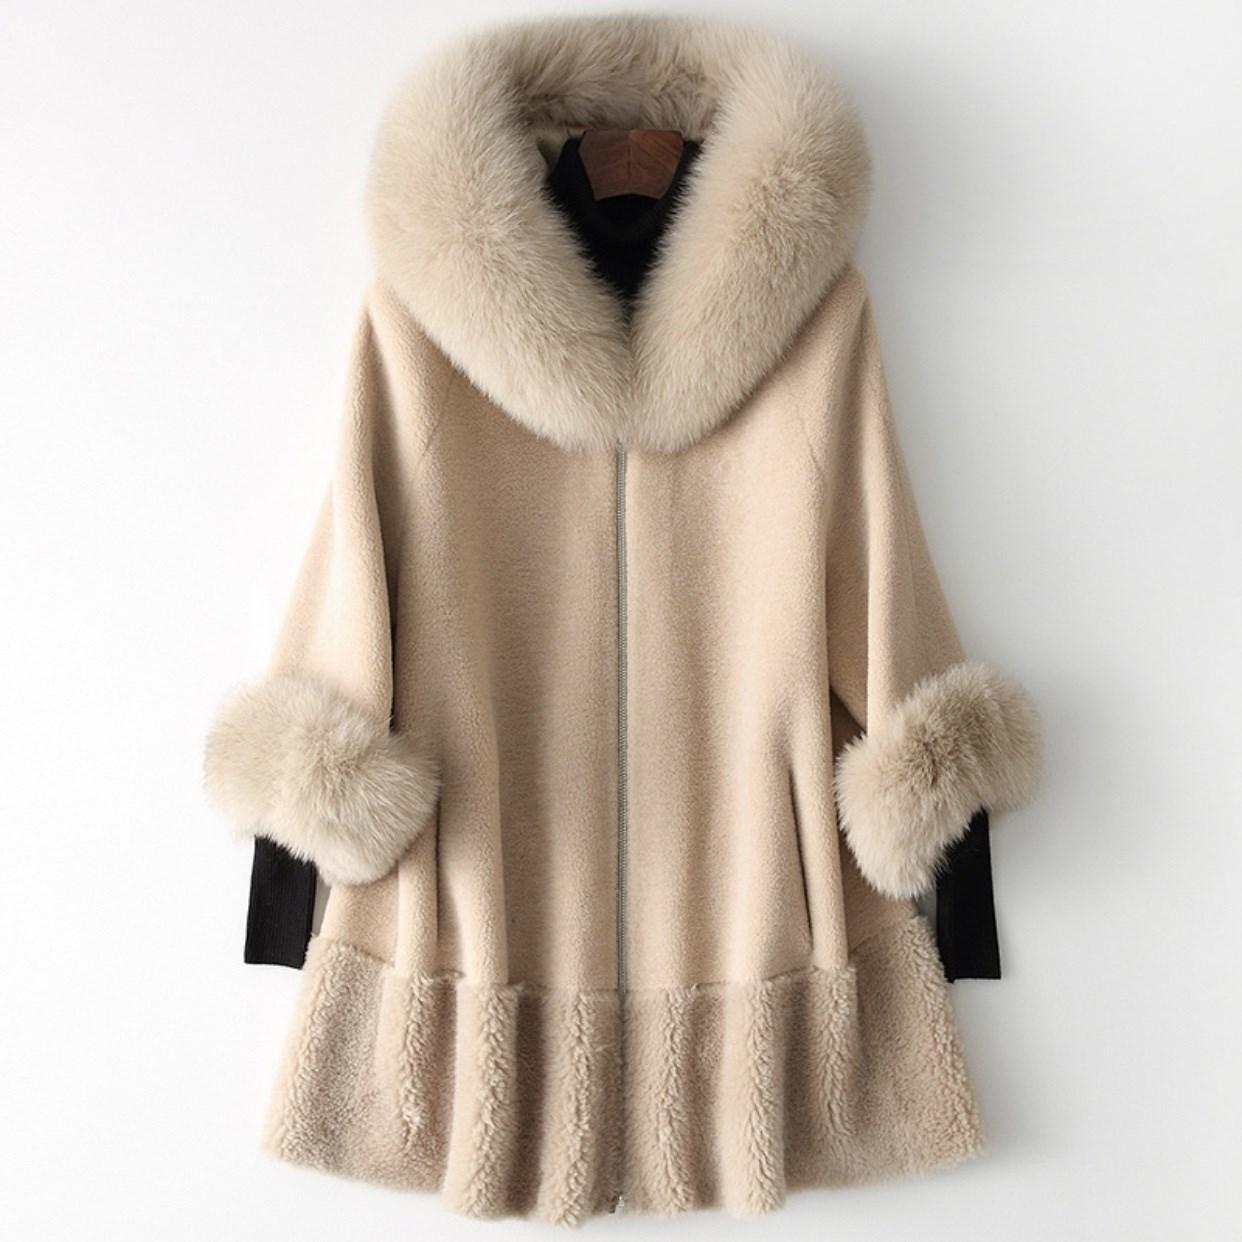 جديد الموضة معطف الصوف فوكس طوق الصوف معطف دافئ سترات